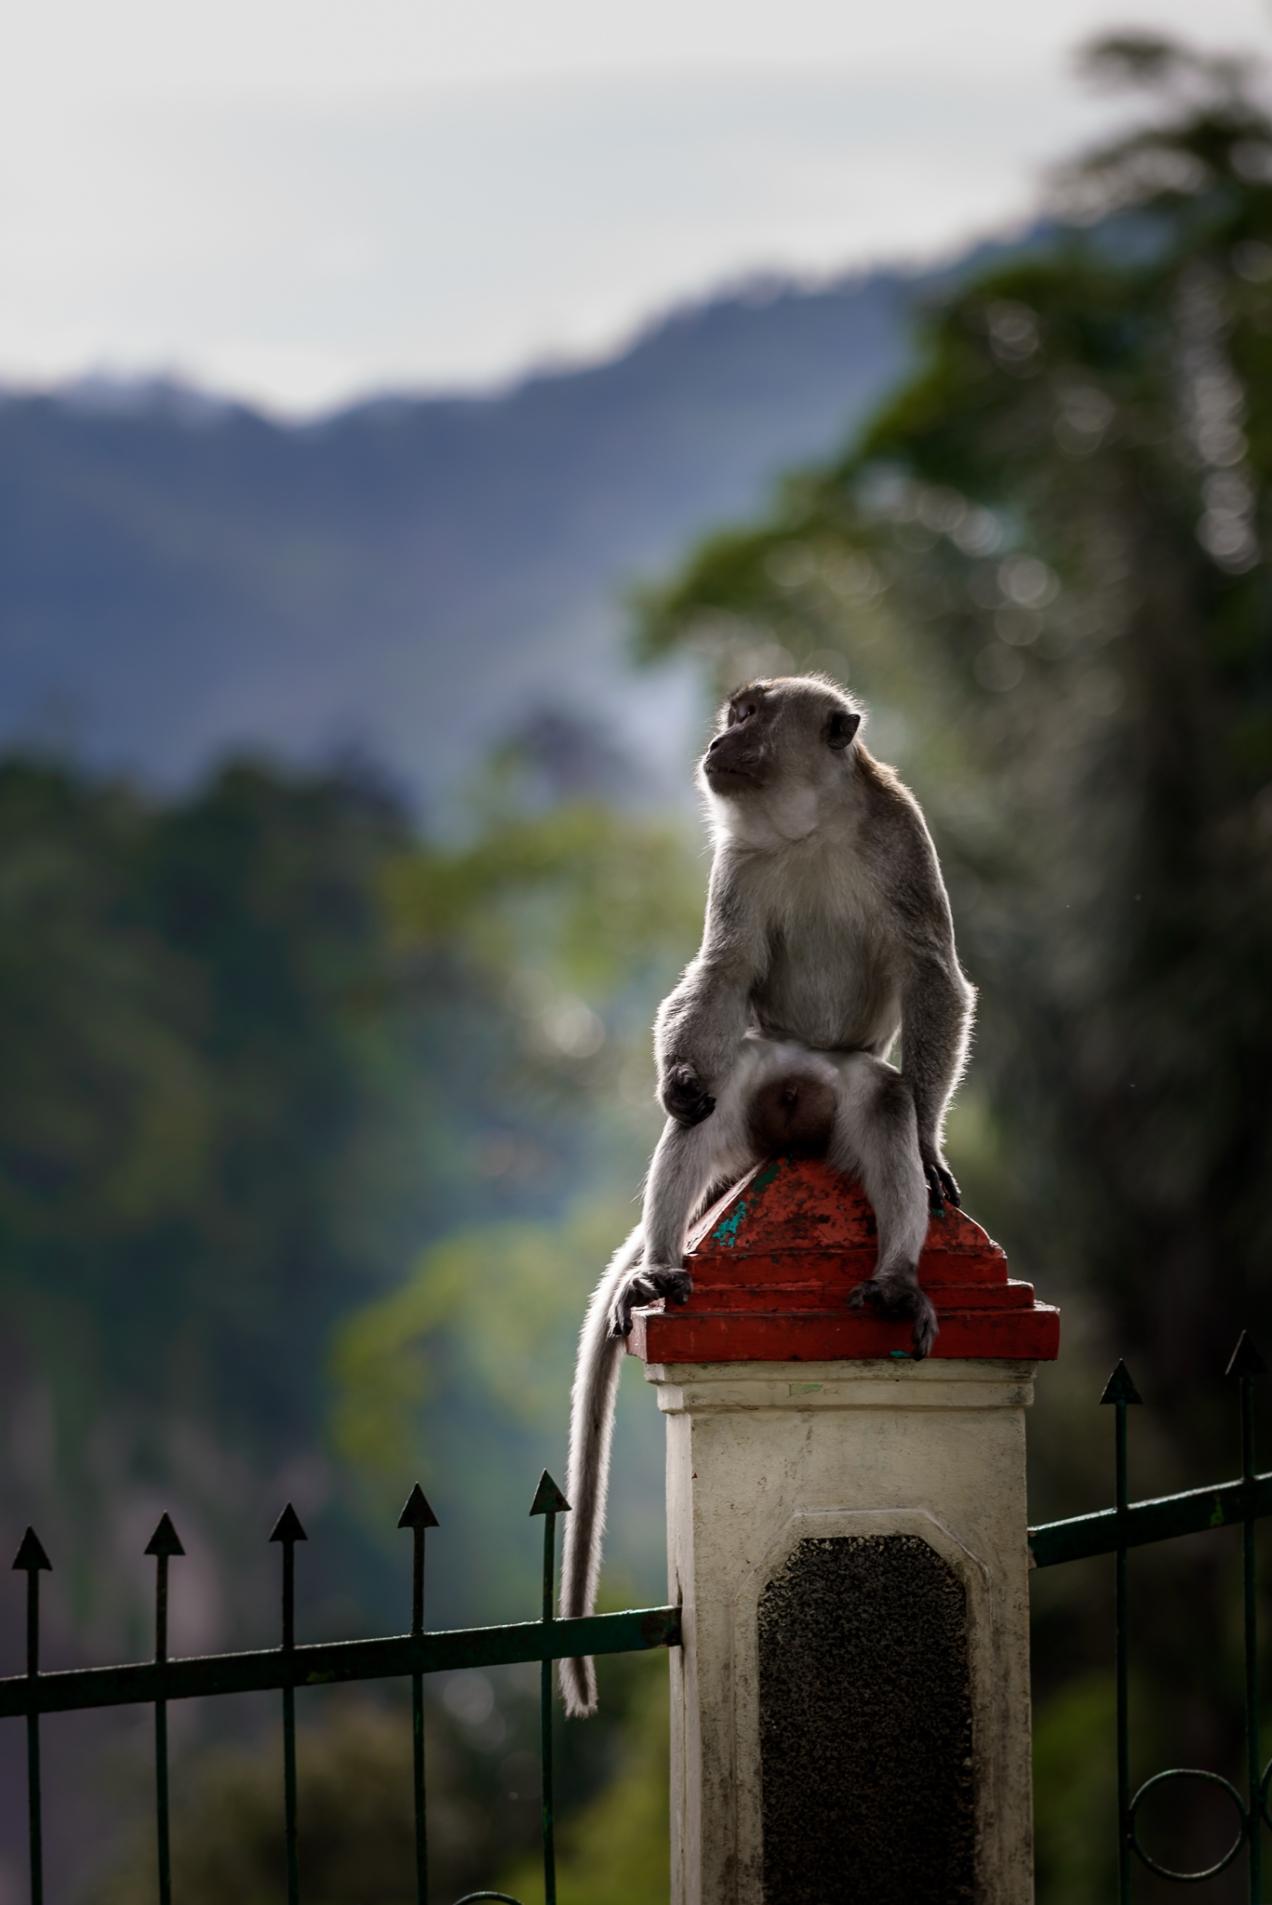 Macaca Monkey - Iksa Menajang